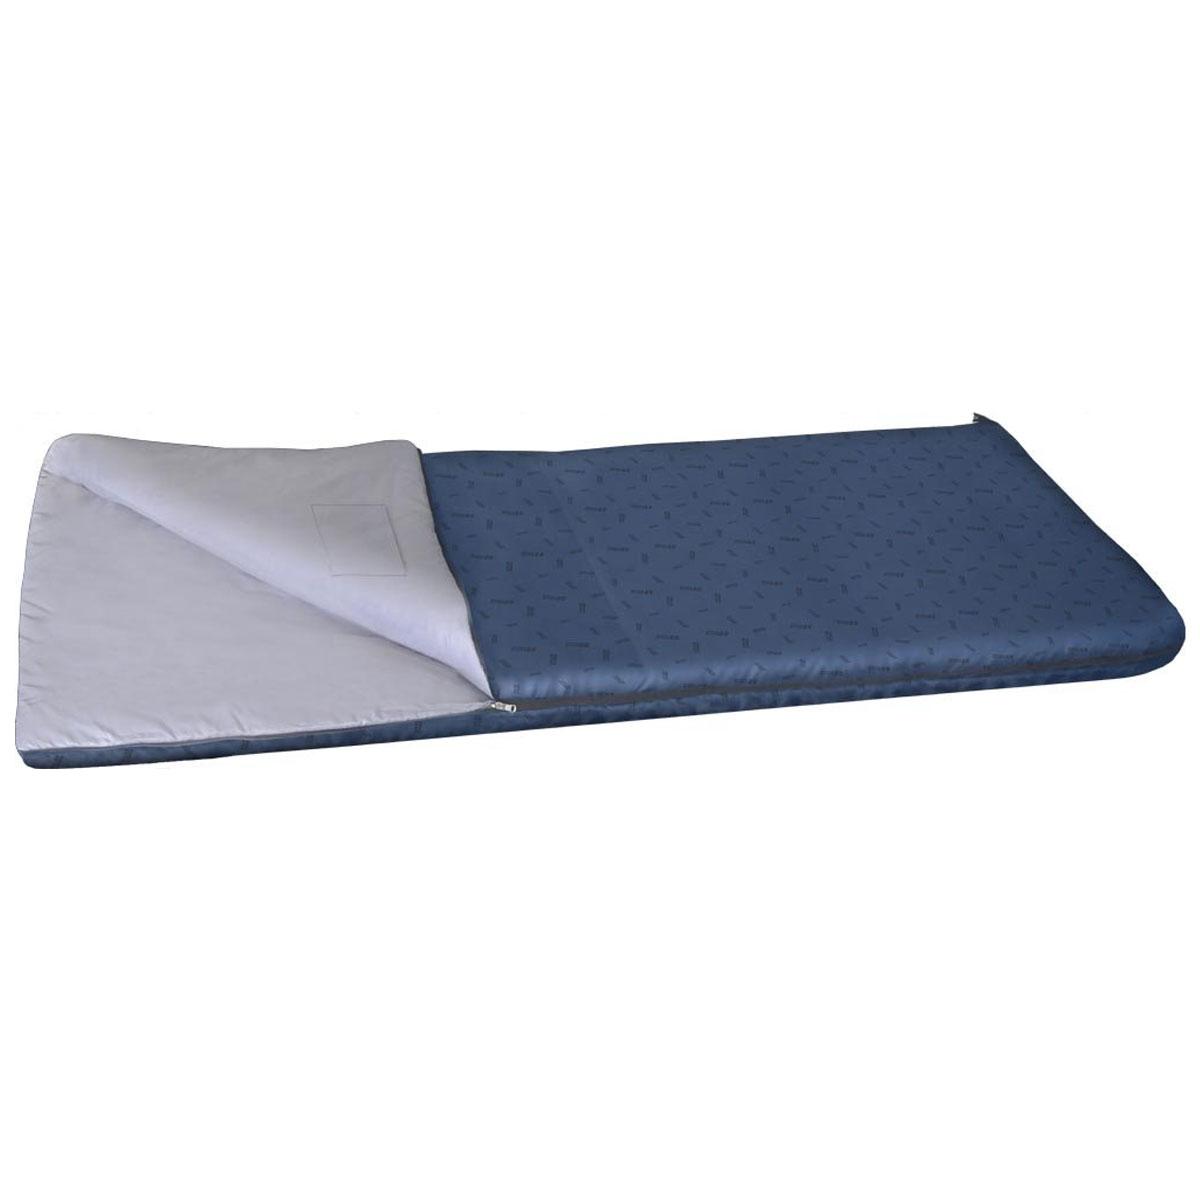 Спальный мешок-одеяло Nova Tour Валдай 300, цвет: синий, левосторонняя молния. 95210-402-0095210-402-00Спальный мешок Валдай 300 - это ваш первый спальник, отличный вариант для начинающего туриста. Если вам трудно определиться с условиями, в которых будет использоваться спальник, то Валдай 300 именно тот вариант, универсальный, недорогой и надежный. Купив спальный мешок Валдай 300, вы получаете полноценный отдых без особых материальных затрат. Температурные характеристики этого спальника предполагают его использование в теплое время года. Два слоя новейшего утеплителя улучшенной серии Thermofibre-S-Pro, легкая ткань верха Polyester 100% и отсутствие дополнительного подголовника обеспечили низкий вес спальника Валдай 300 и небольшие размеры в свернутом виде. Спальник компактно упаковывается в компрессионный мешок. Благодаря двухзамковой молнии, имеется возможность состегнуть два спальника в один двойной, для совместного, еще более комфортного отдыха. Ткань верха: Polyester 100%. Внутренняя ткань: Polyester 100%.